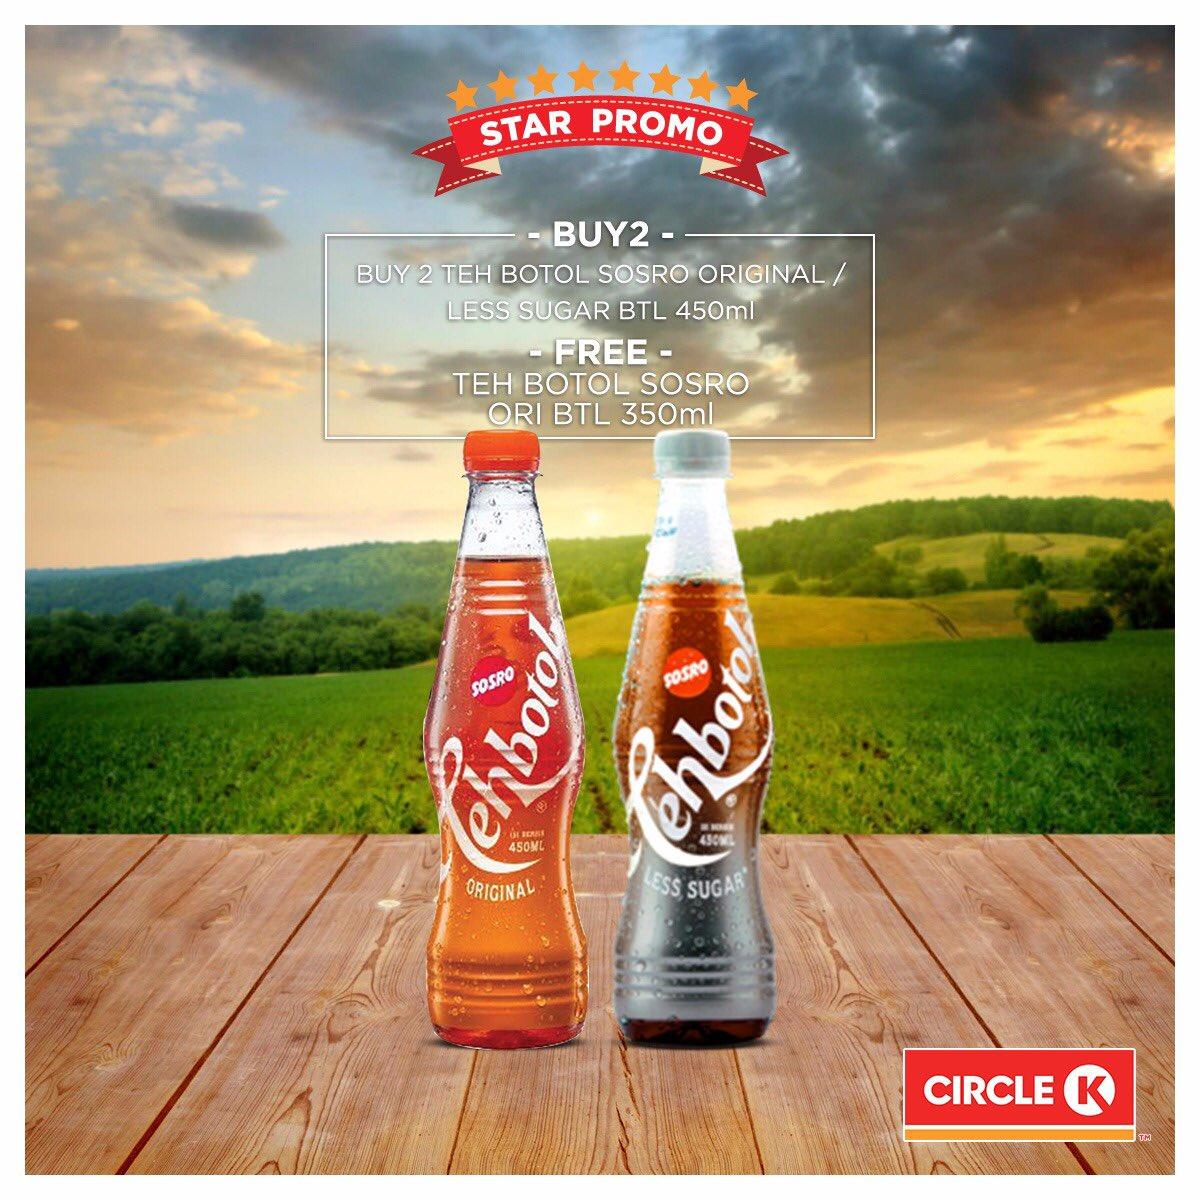 CircleK - Promo Buy 2 Get 1 Free Teh Botol Sosro